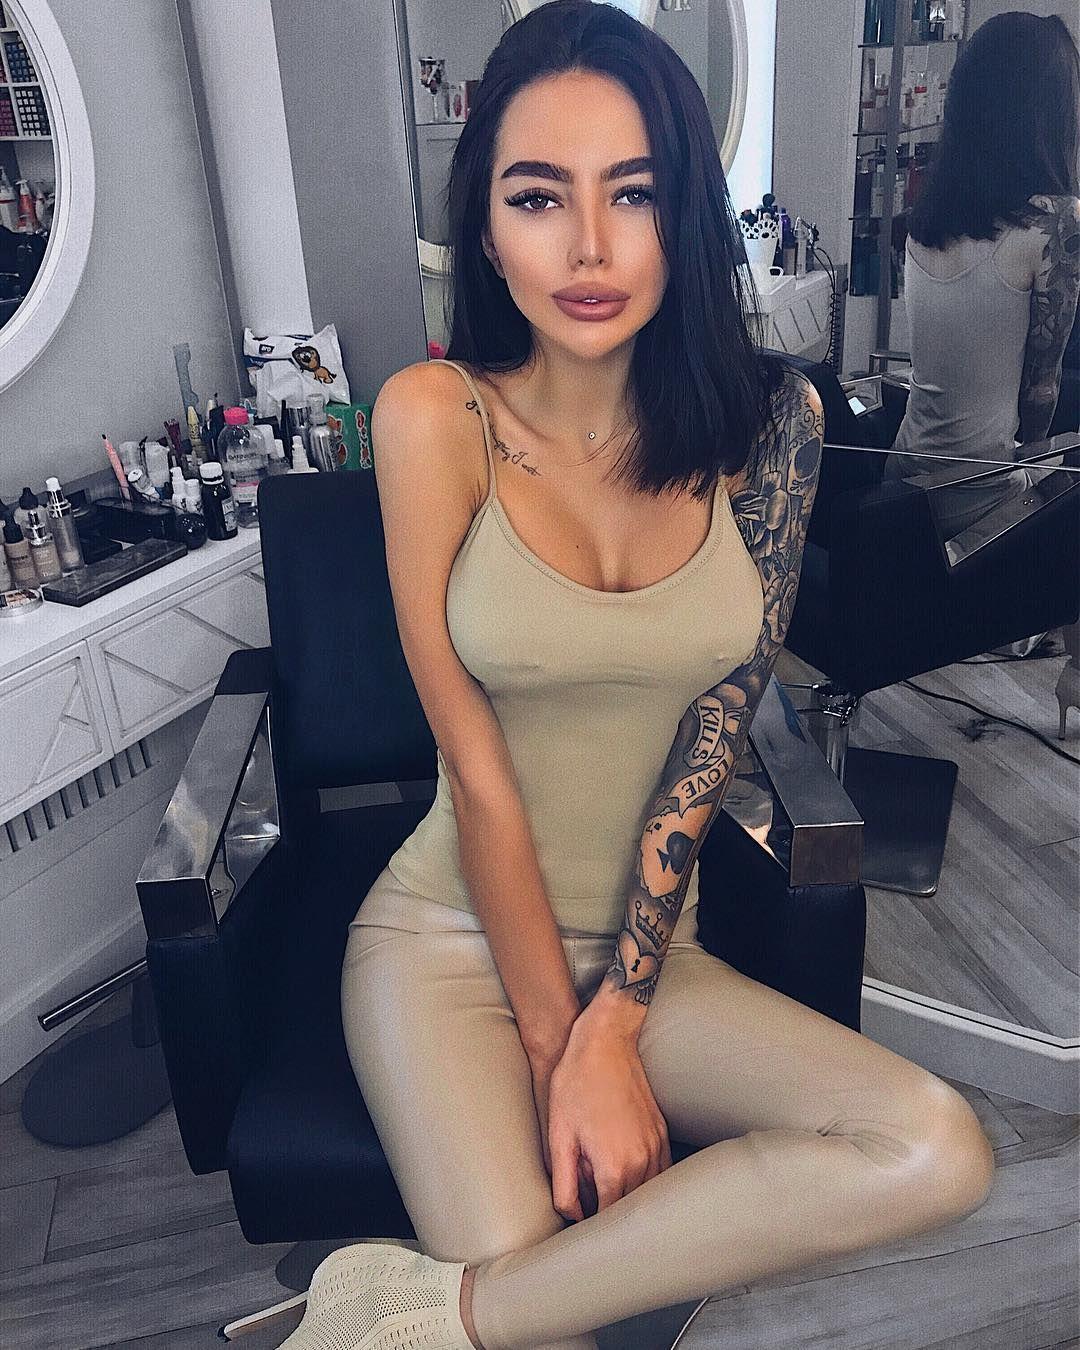 Ukraine Tattooed Women Porn